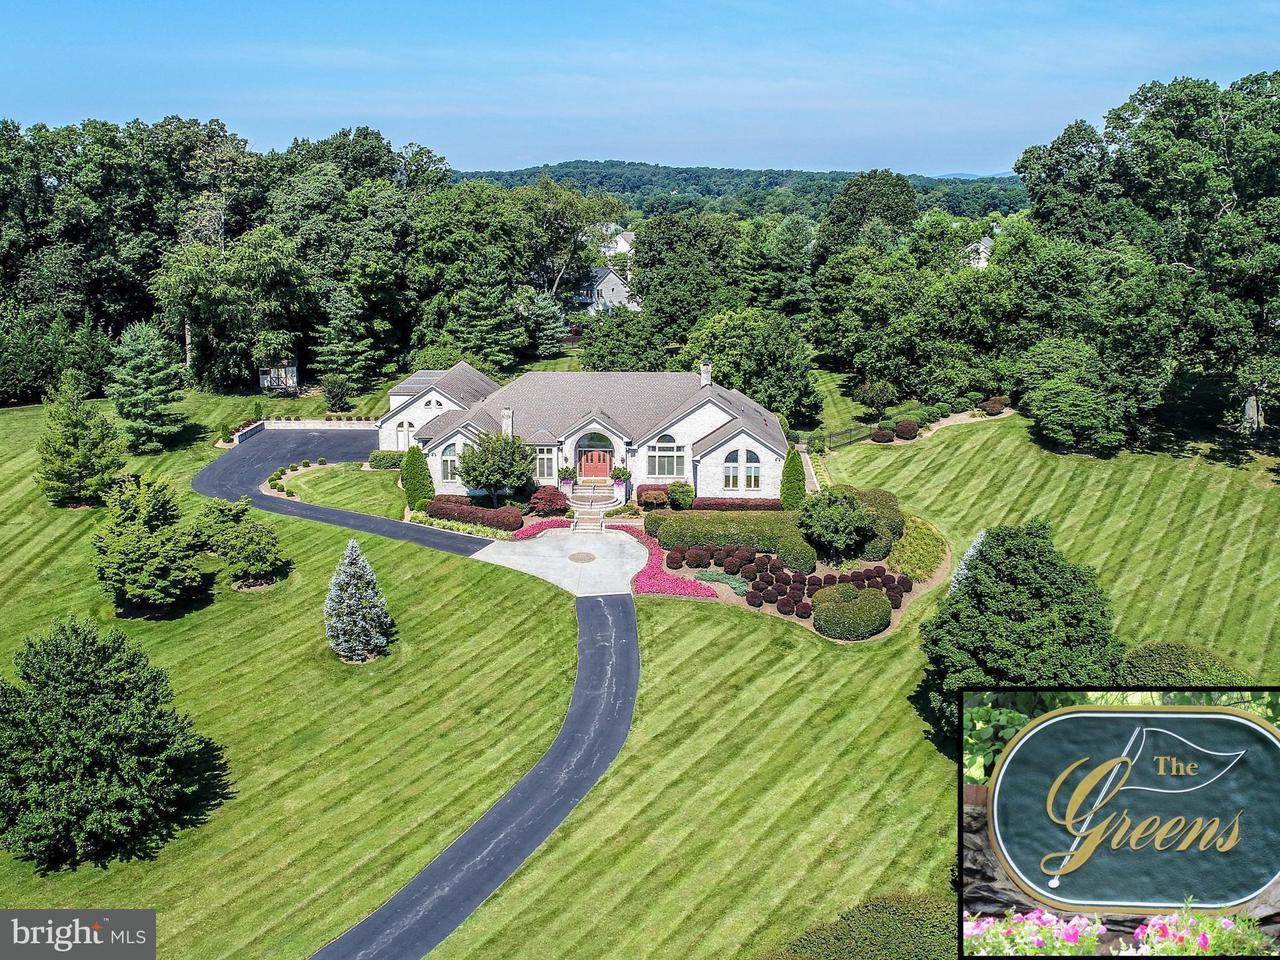 Частный односемейный дом для того Продажа на 5234 Muirfield Drive 5234 Muirfield Drive Ijamsville, Мэриленд 21754 Соединенные Штаты